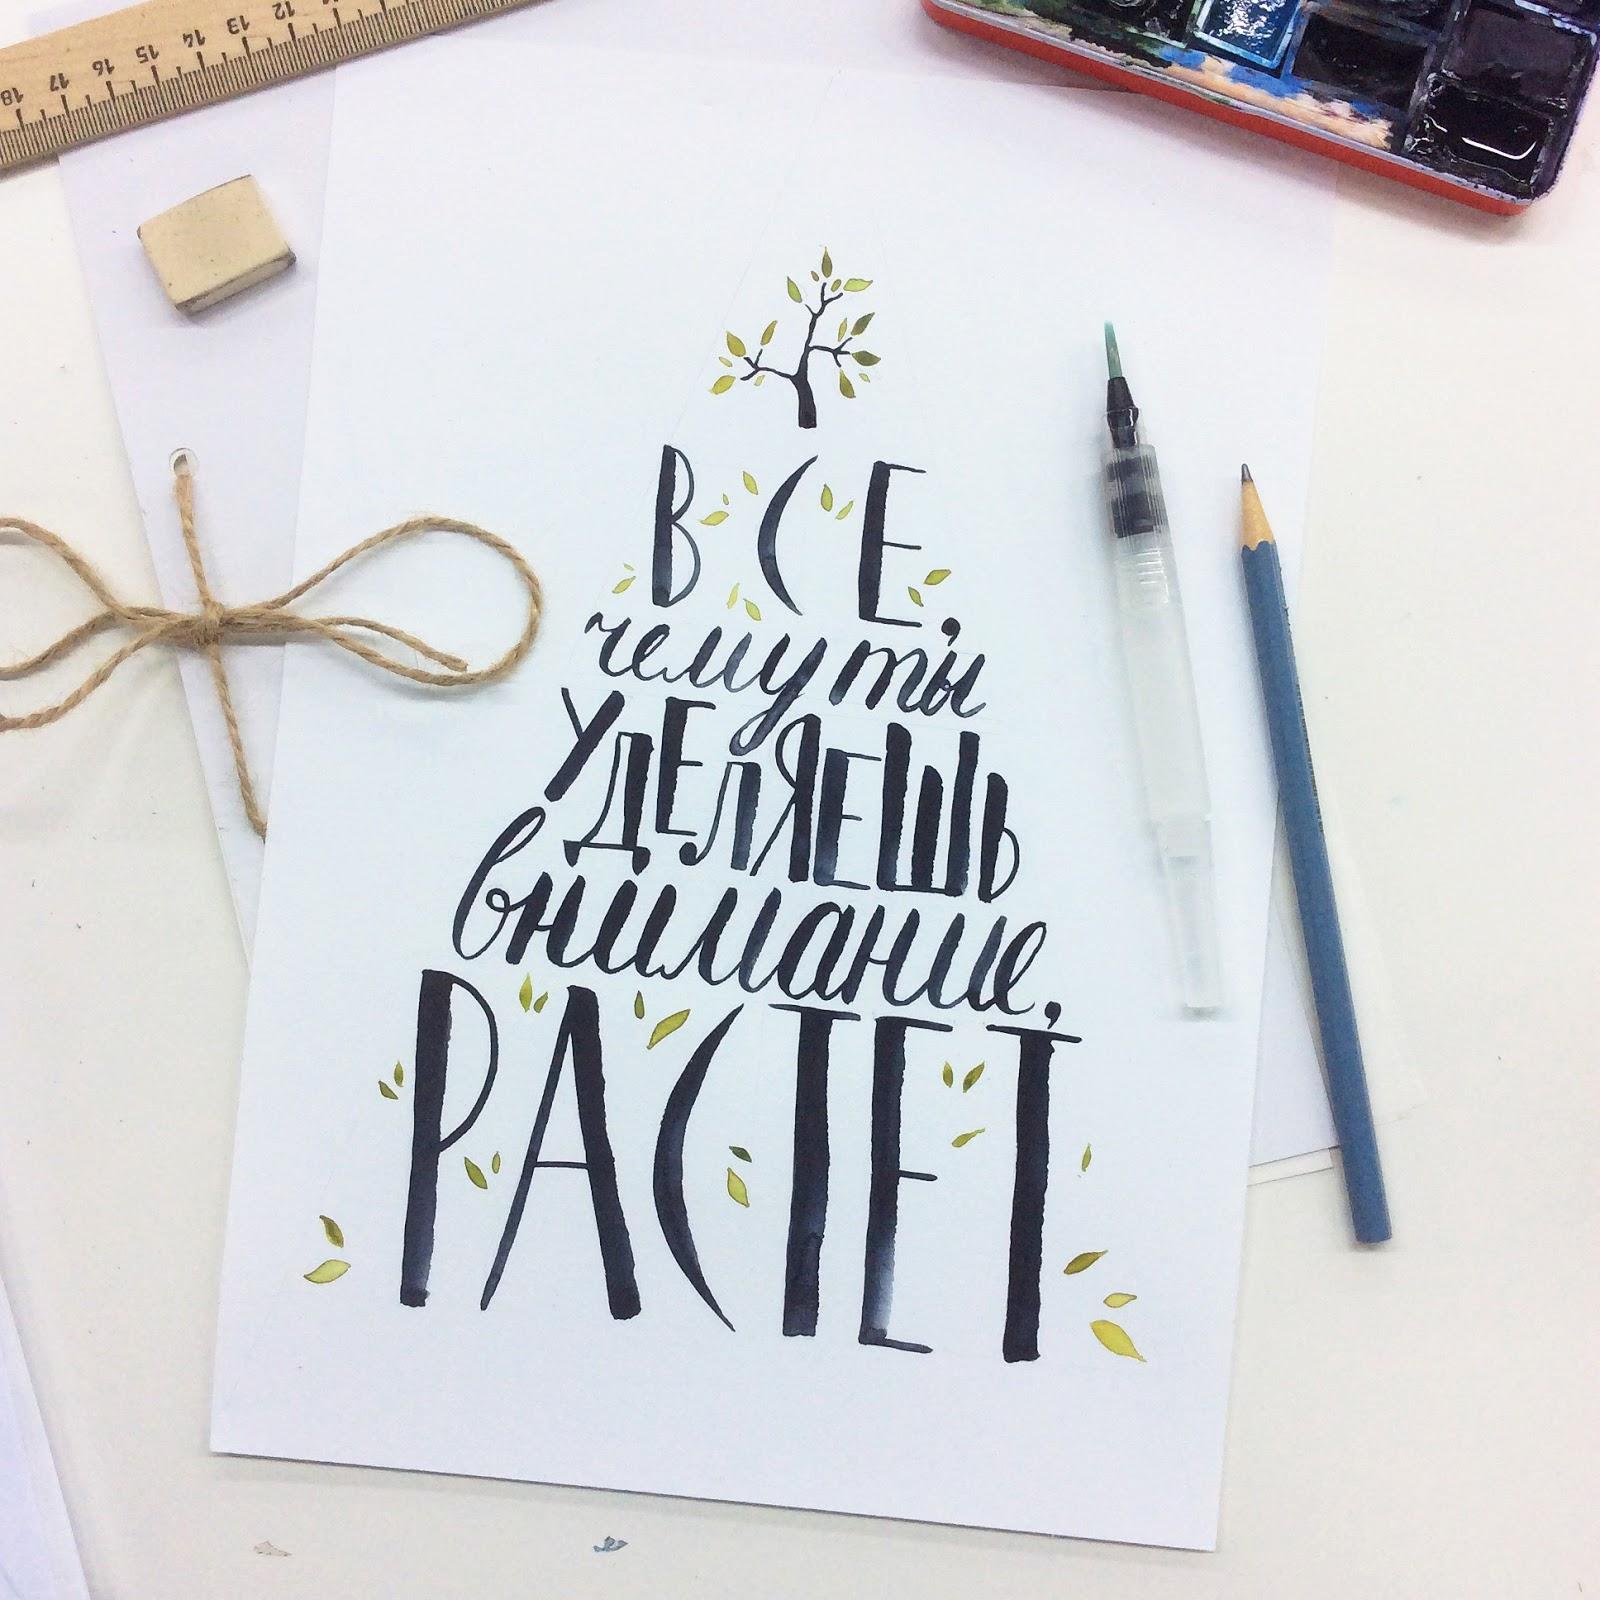 Как рисовать красиво буквы: учимся каллиграфии с нуля